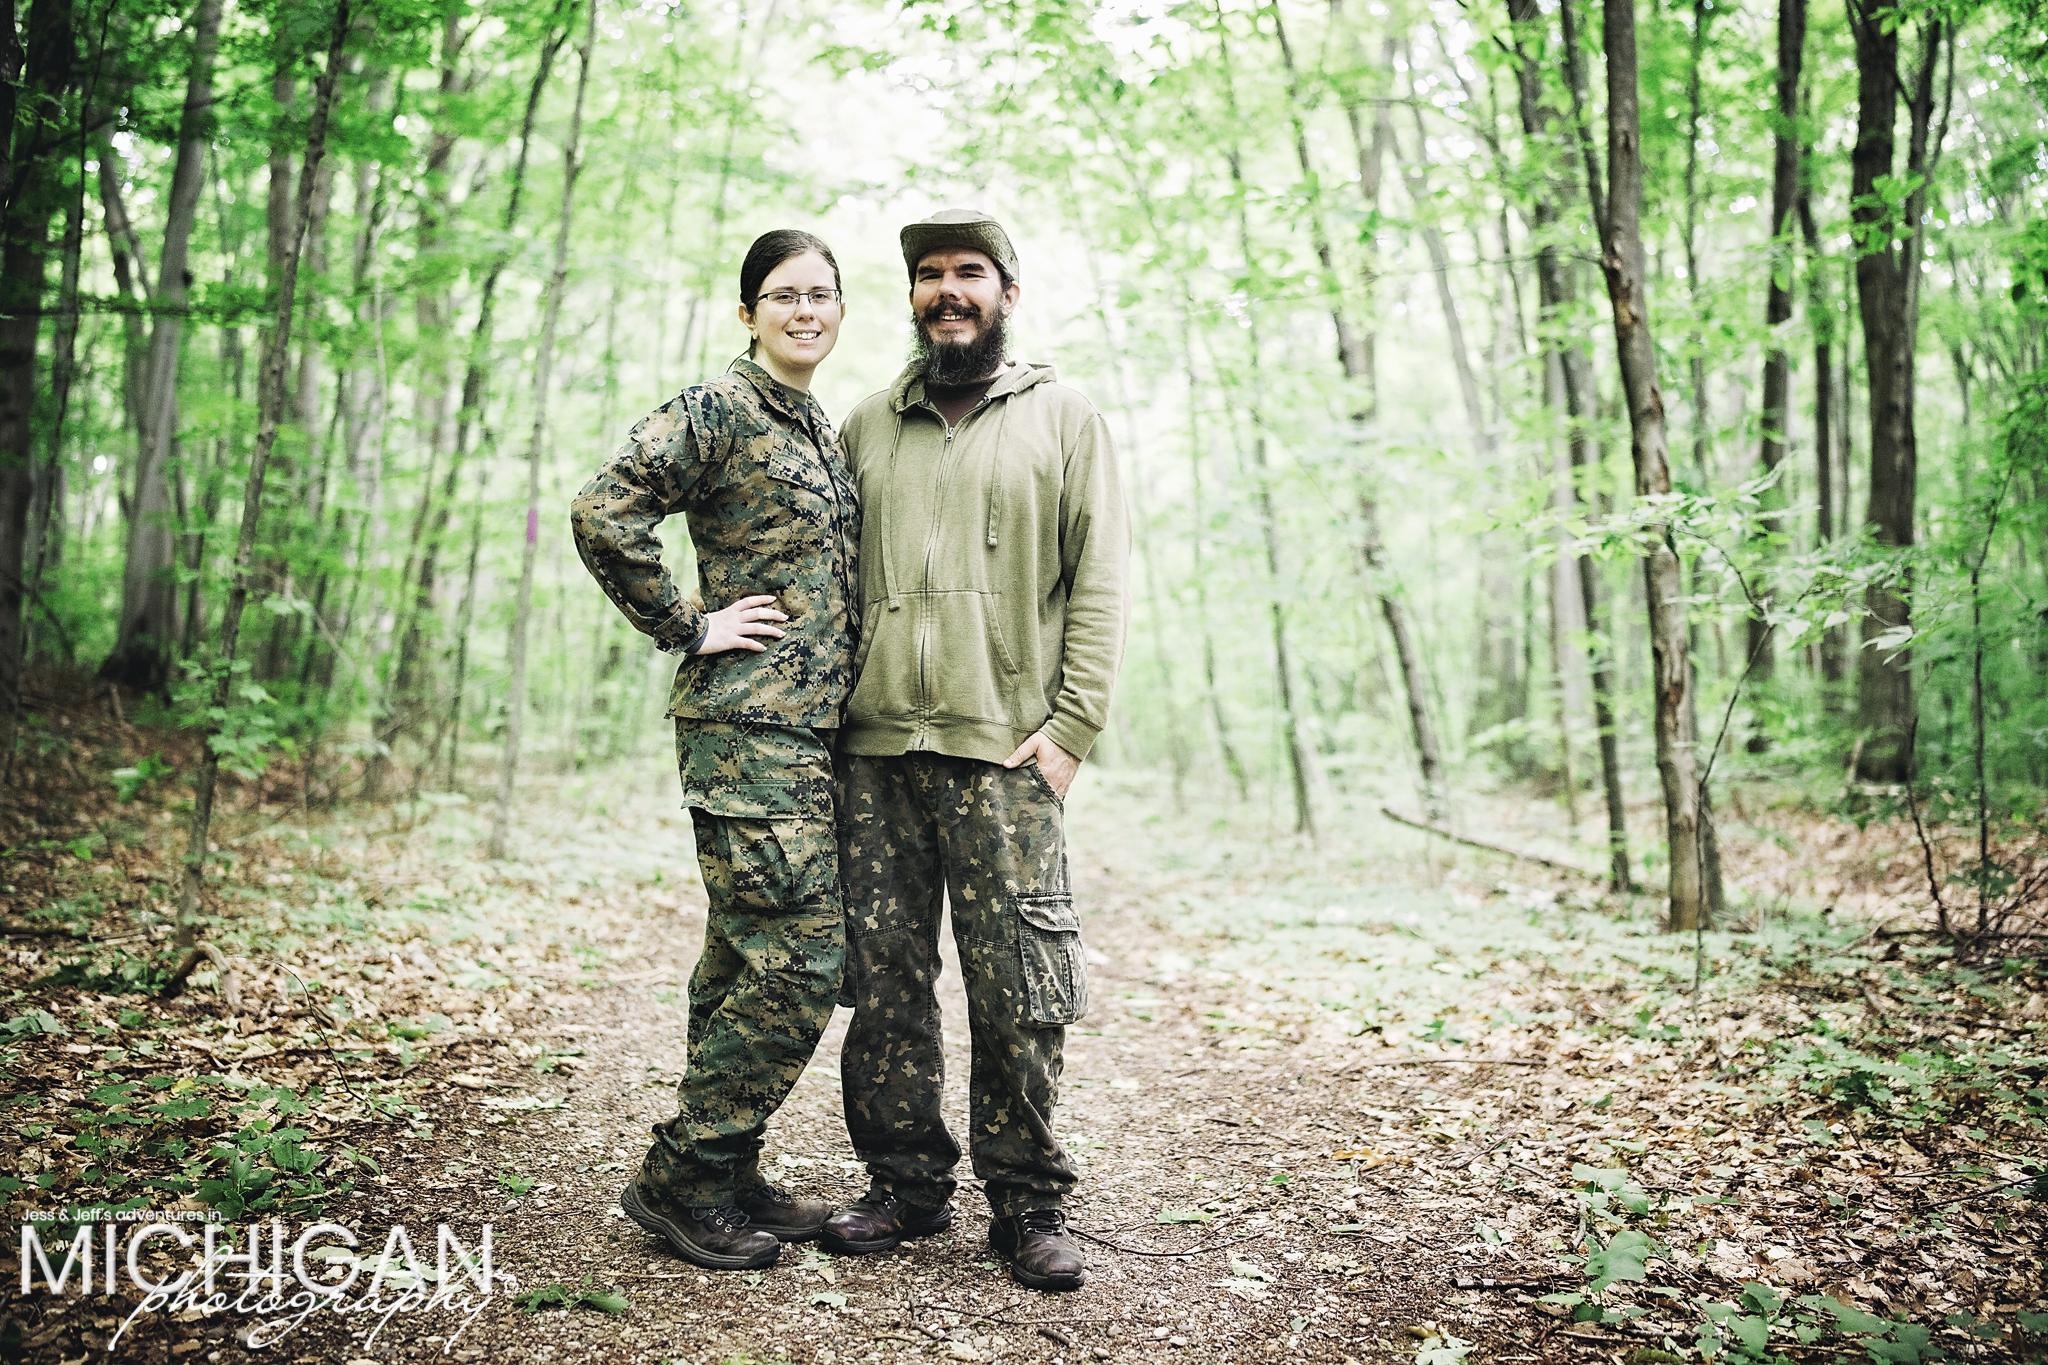 Jess & Jeff of Michigan Photography